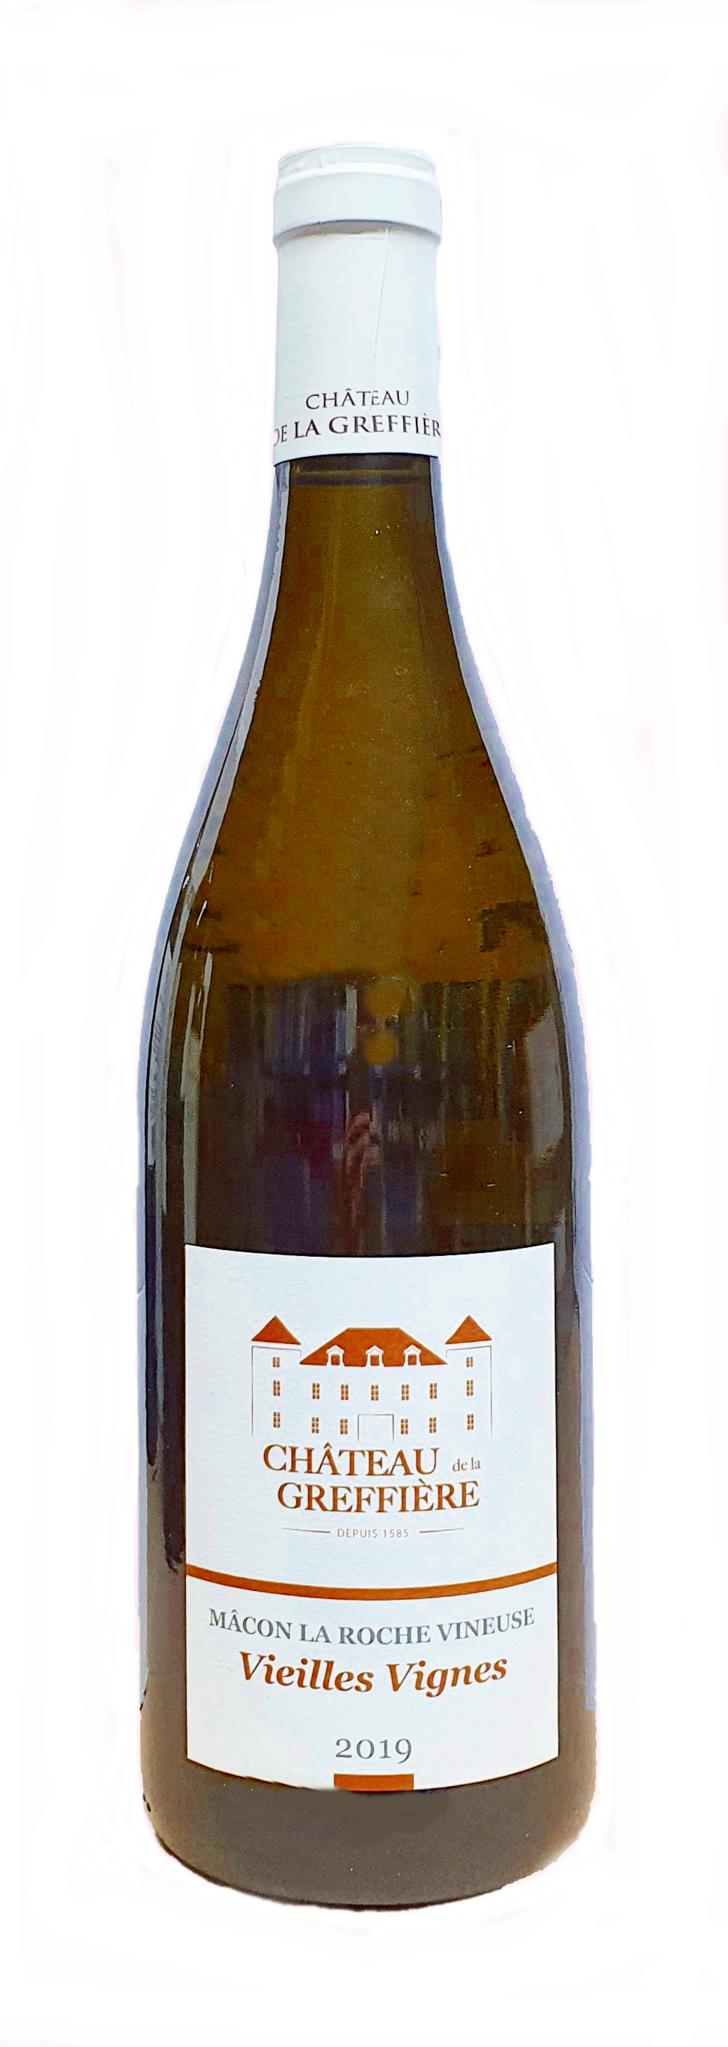 Greffière, Château de la  - Burgund 2019 Mâcon la Roche-Vineuse AOP Vieilles Vignes, Chateau de la Greffière